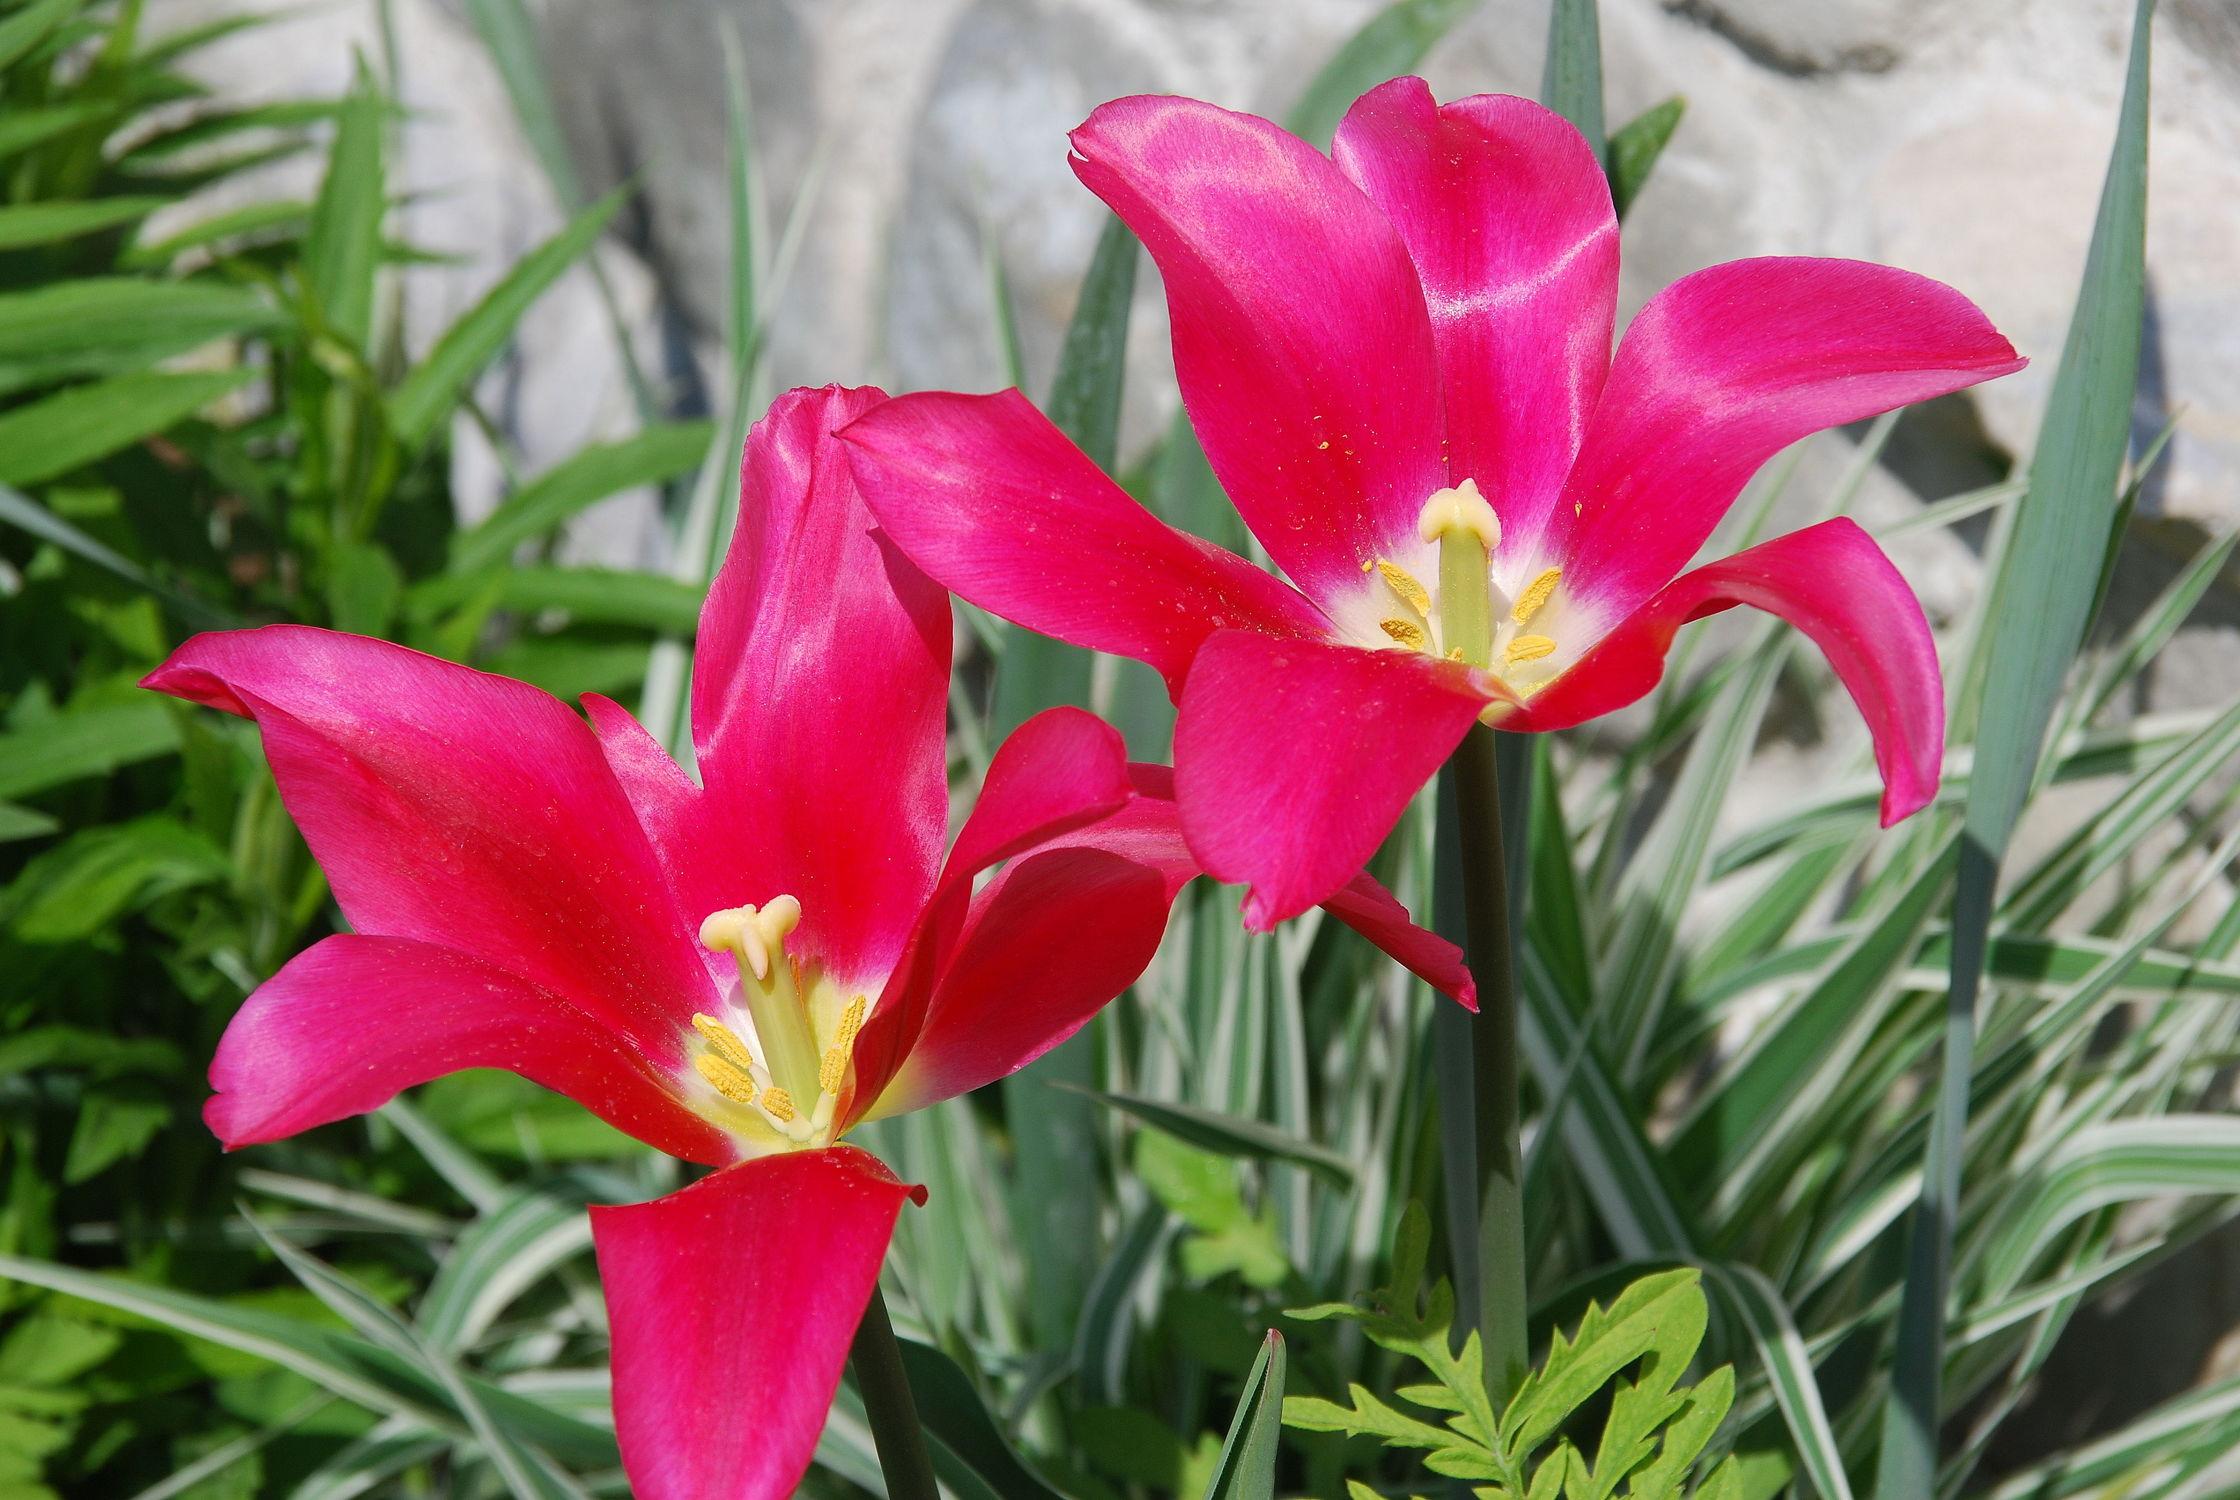 Bild mit Frühling, Tulpe, Tulips, Tulpen, Tulip, leuchtend, tulpenpracht, tulpenbeet, frühblüher, frühjahr